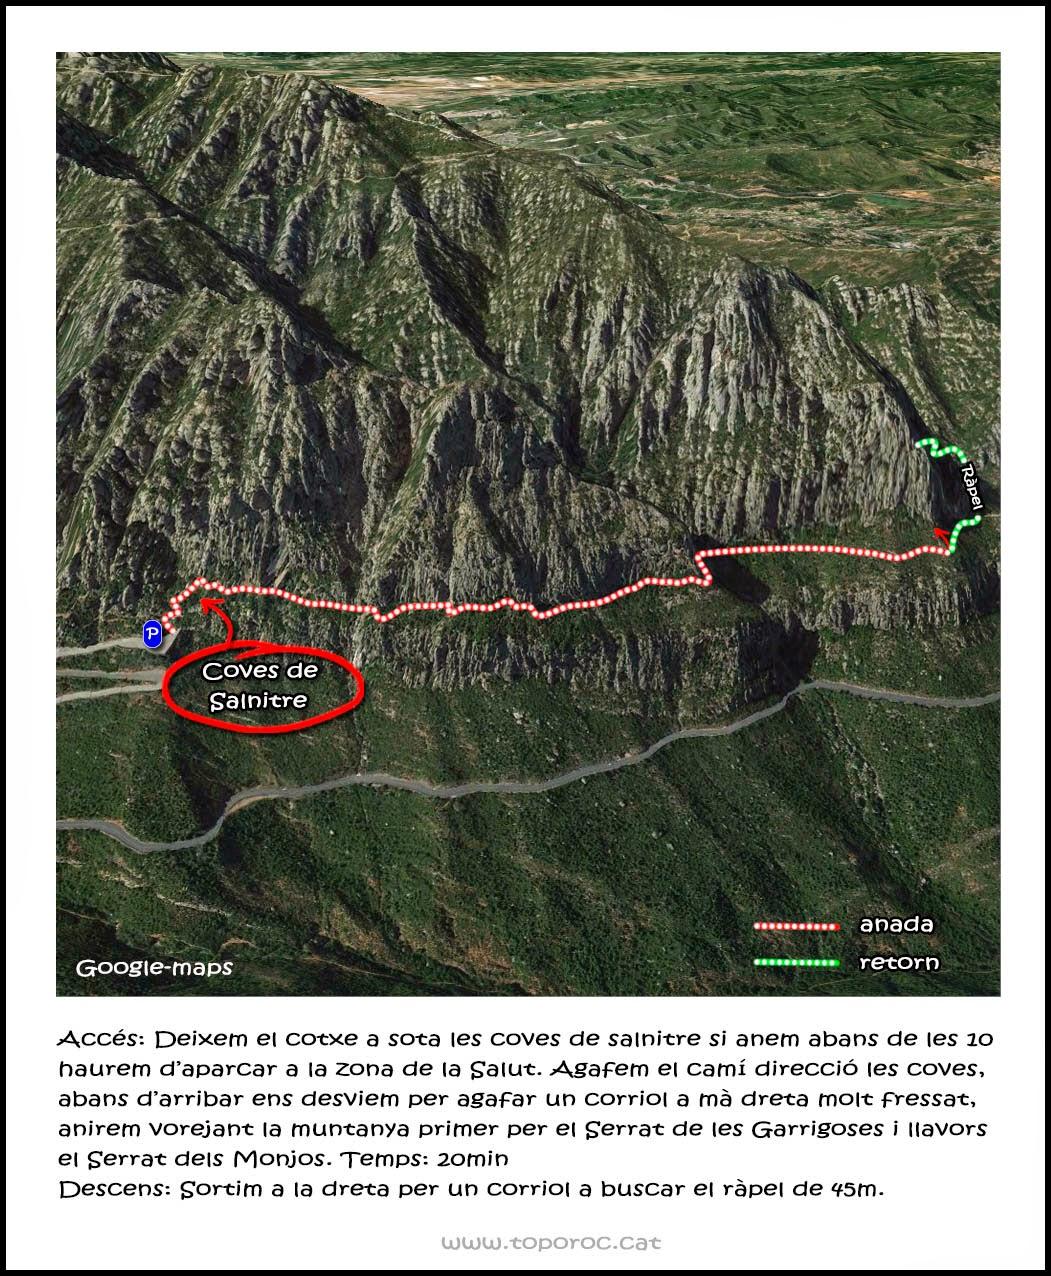 Ressenya-Via-Picnic-Topo-roc